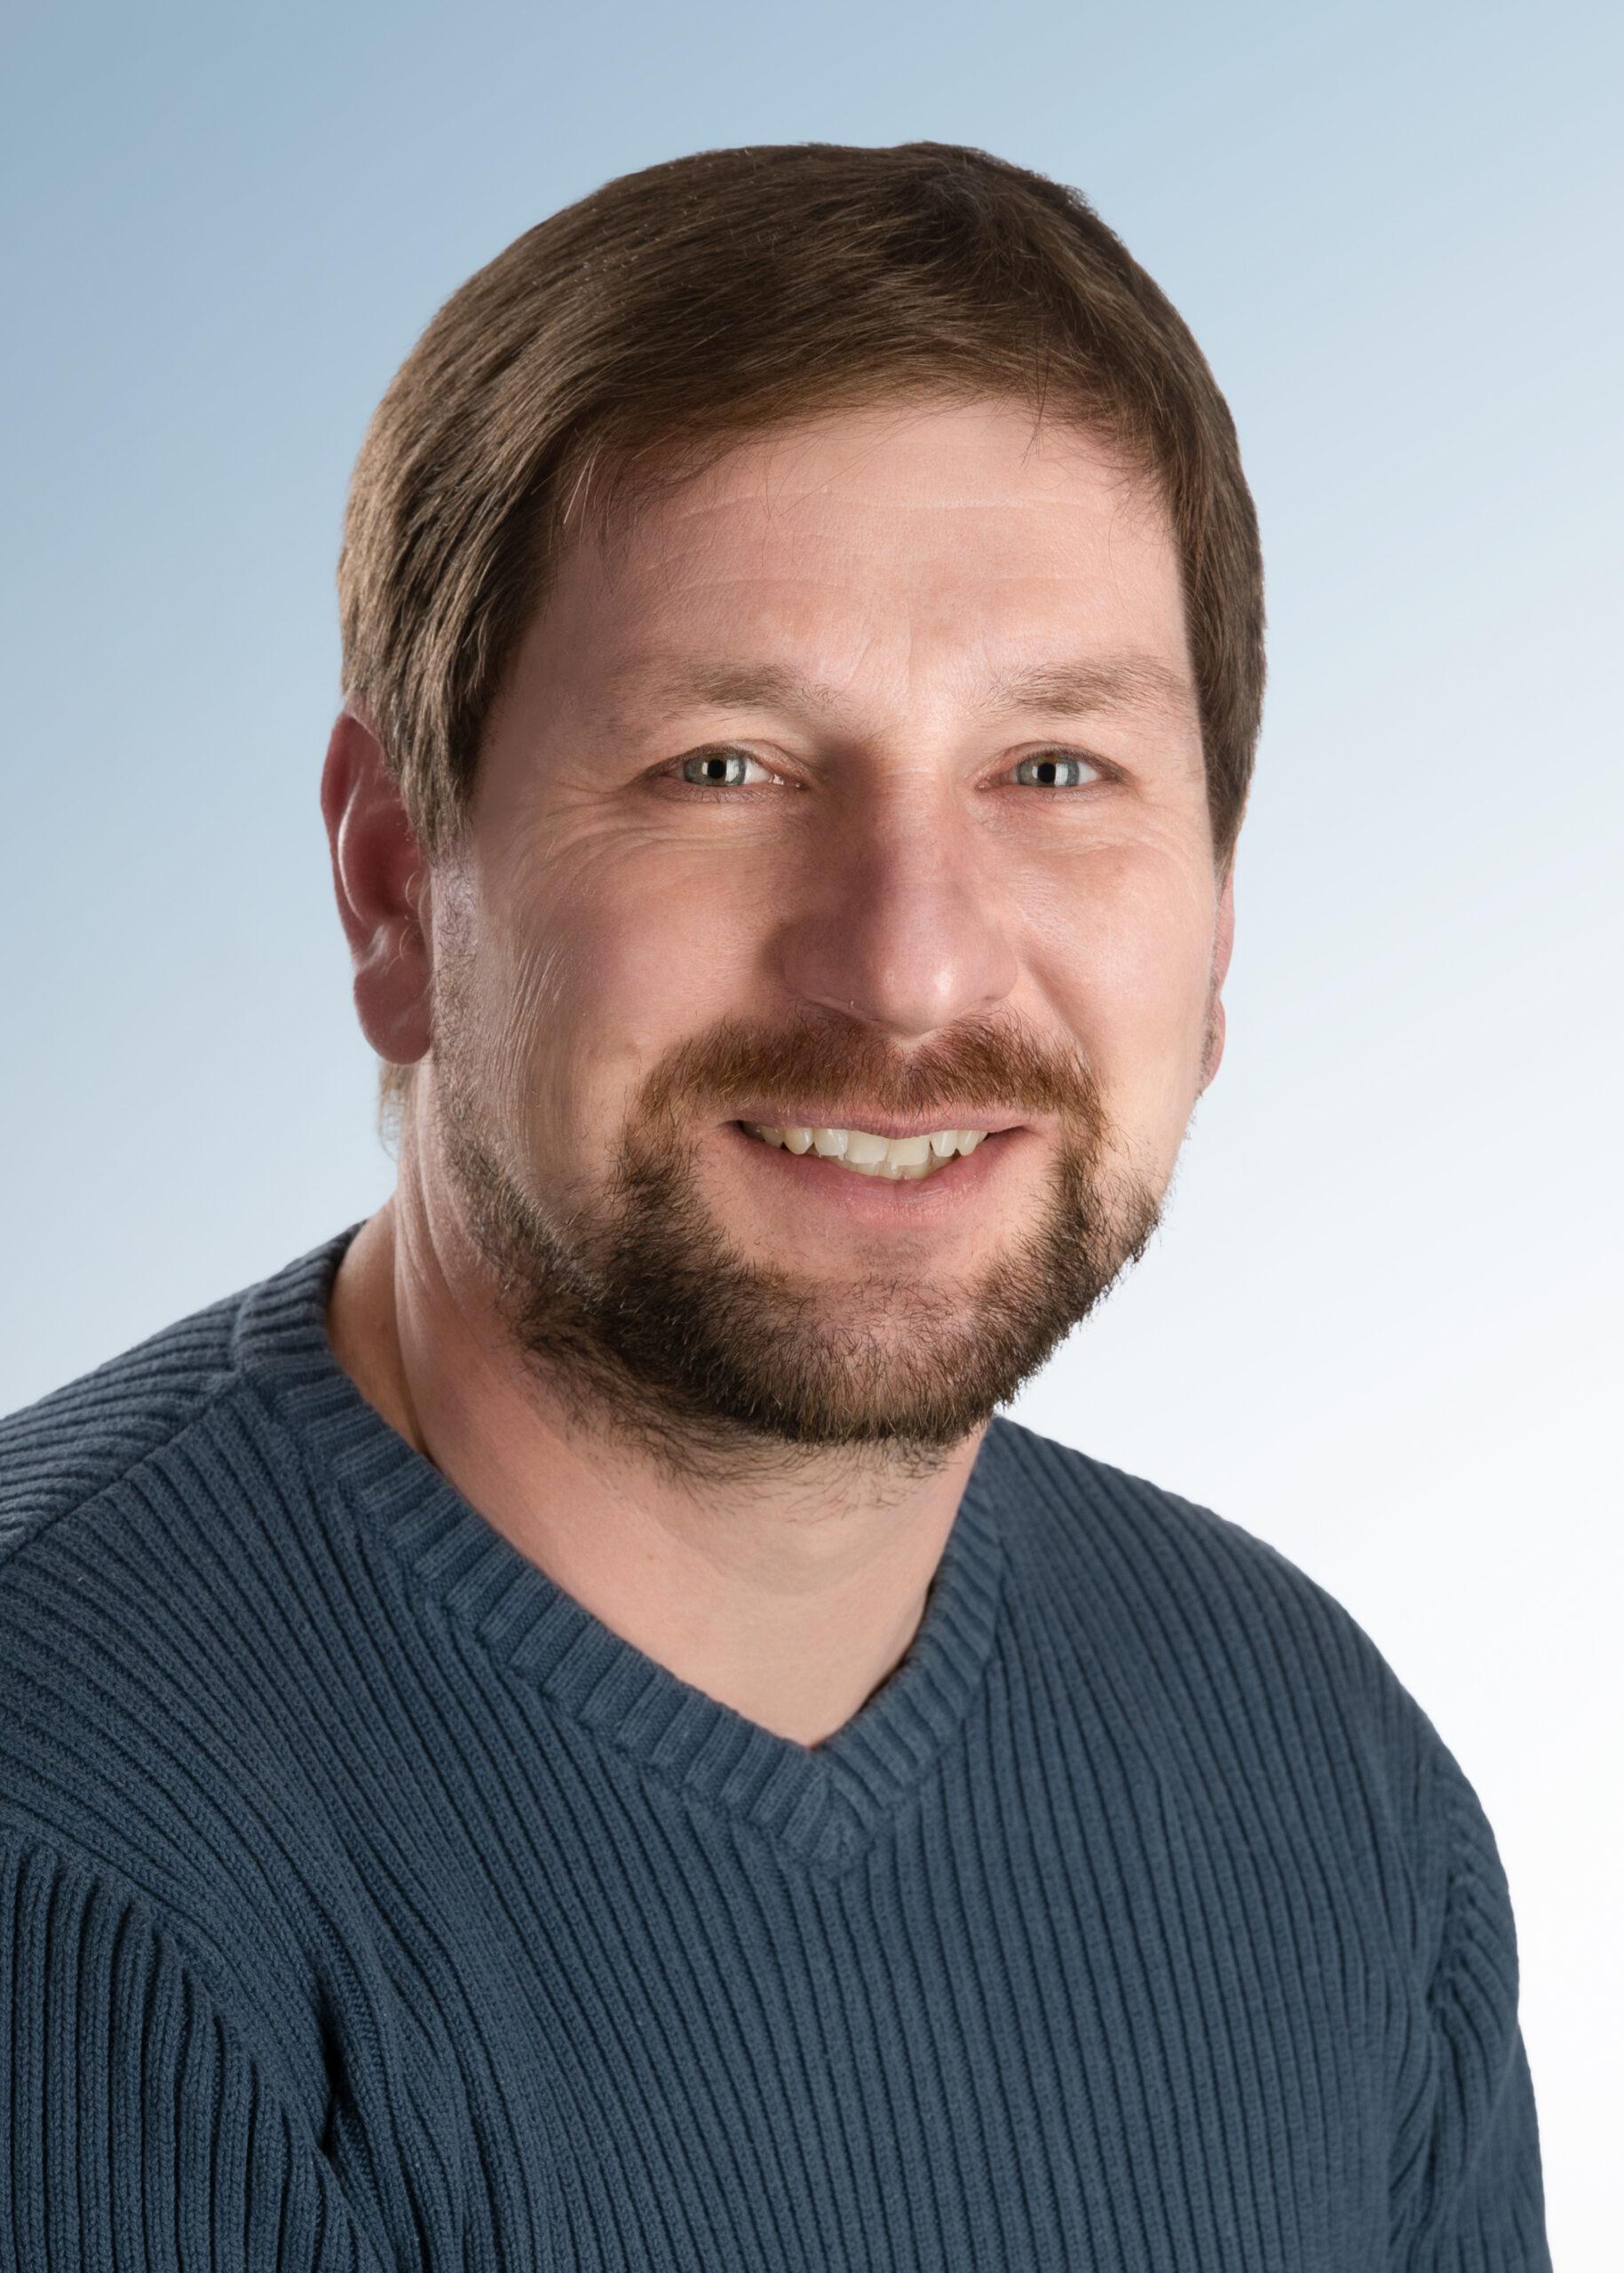 Frank Mahr, Gemeinderat im Markt Geiselwind